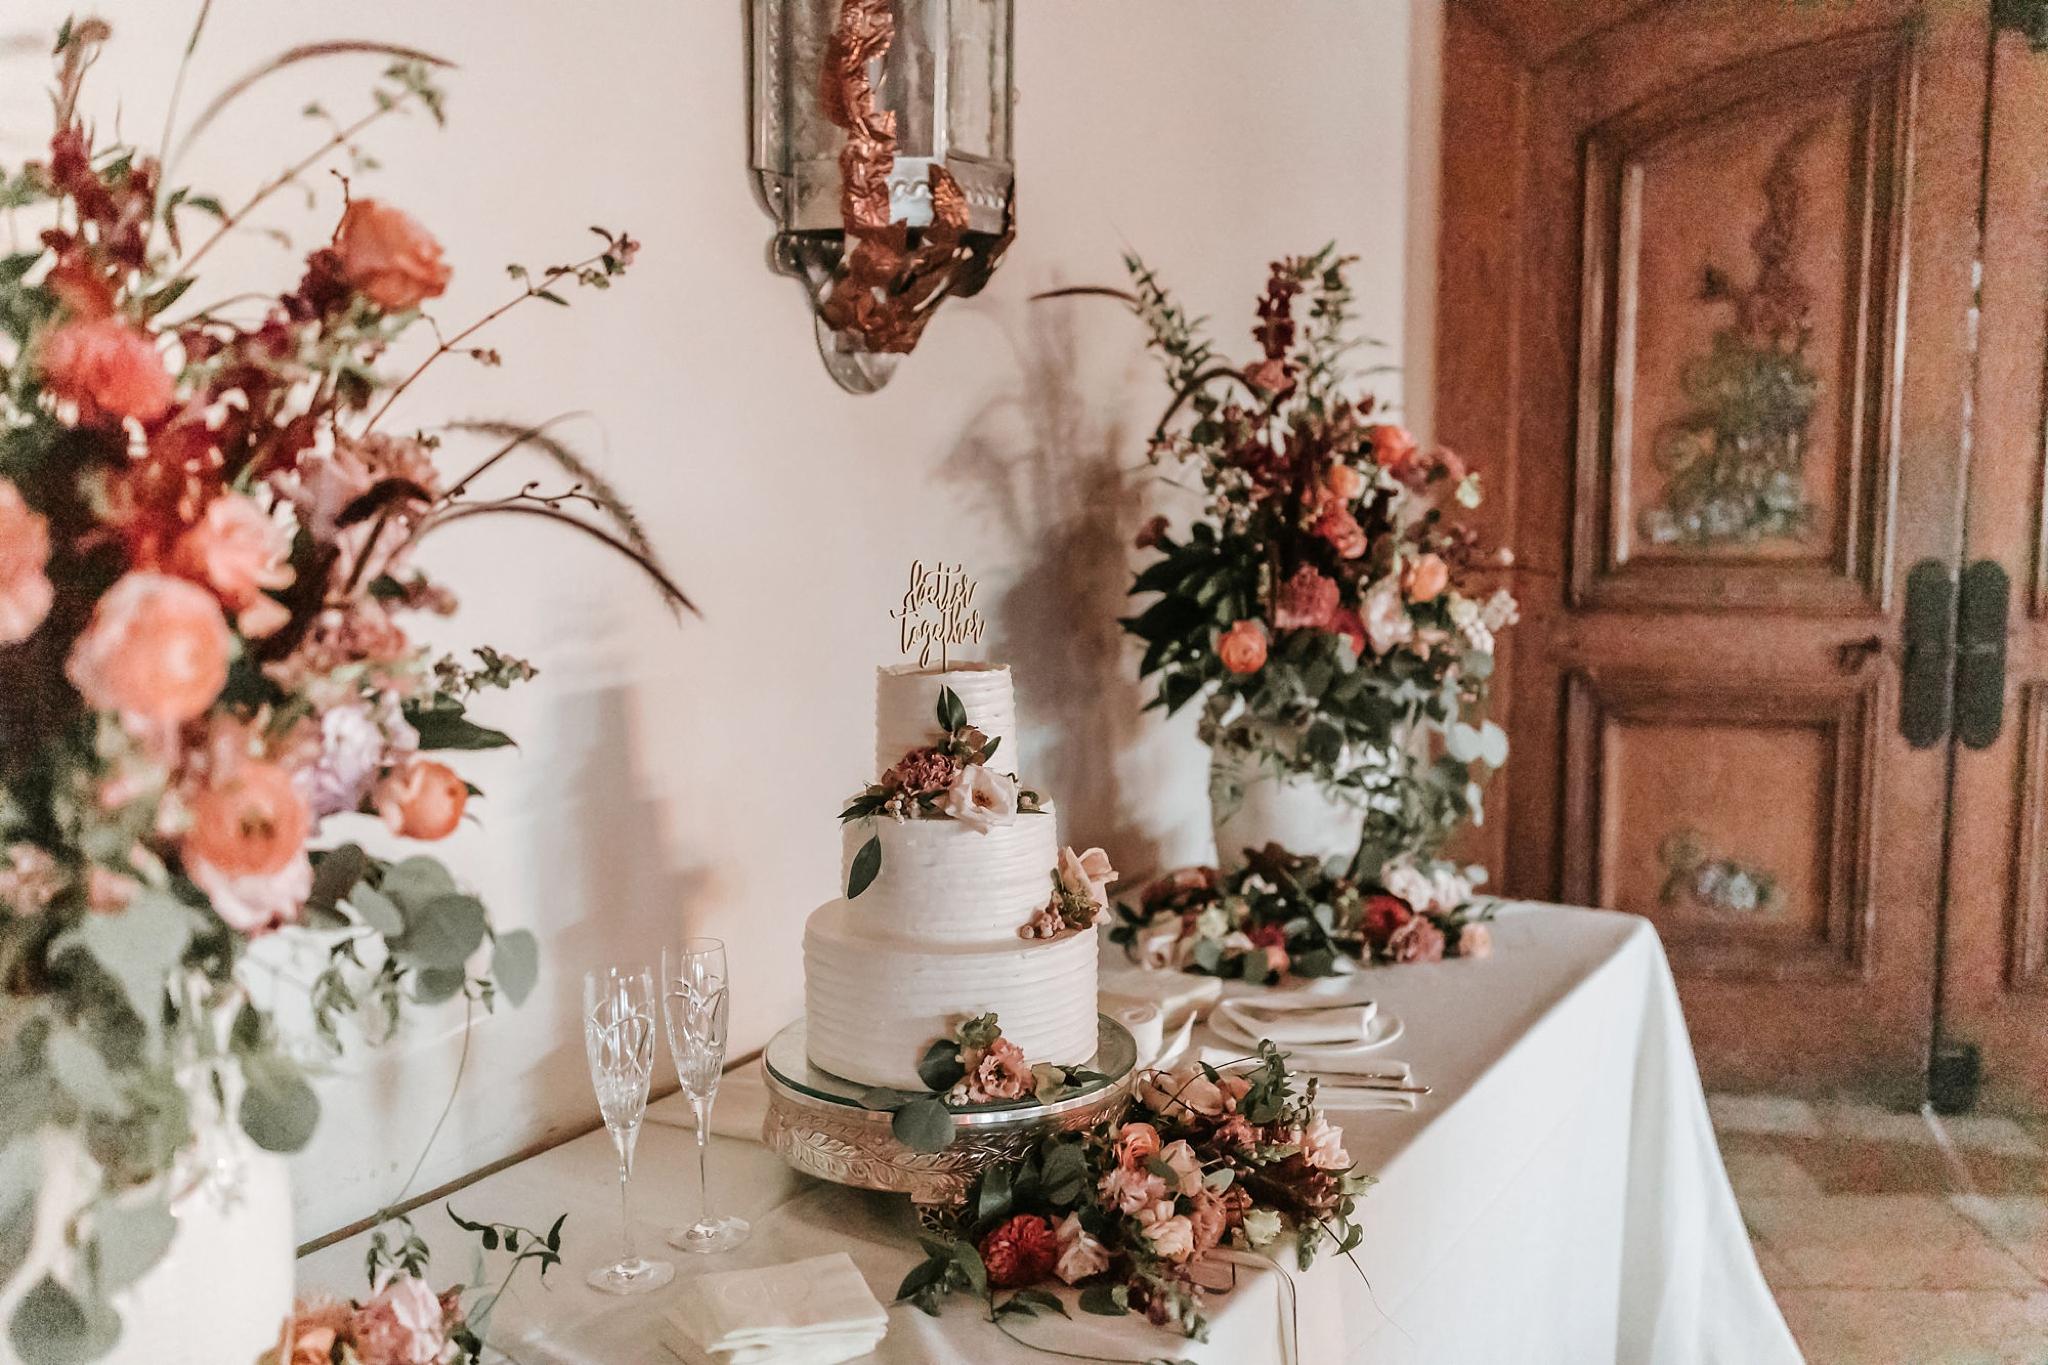 Alicia+lucia+photography+-+albuquerque+wedding+photographer+-+santa+fe+wedding+photography+-+new+mexico+wedding+photographer+-+wedding+reception+-+wedding+cake+-+wedding+sweets+-+maggies+cakes_0012.jpg